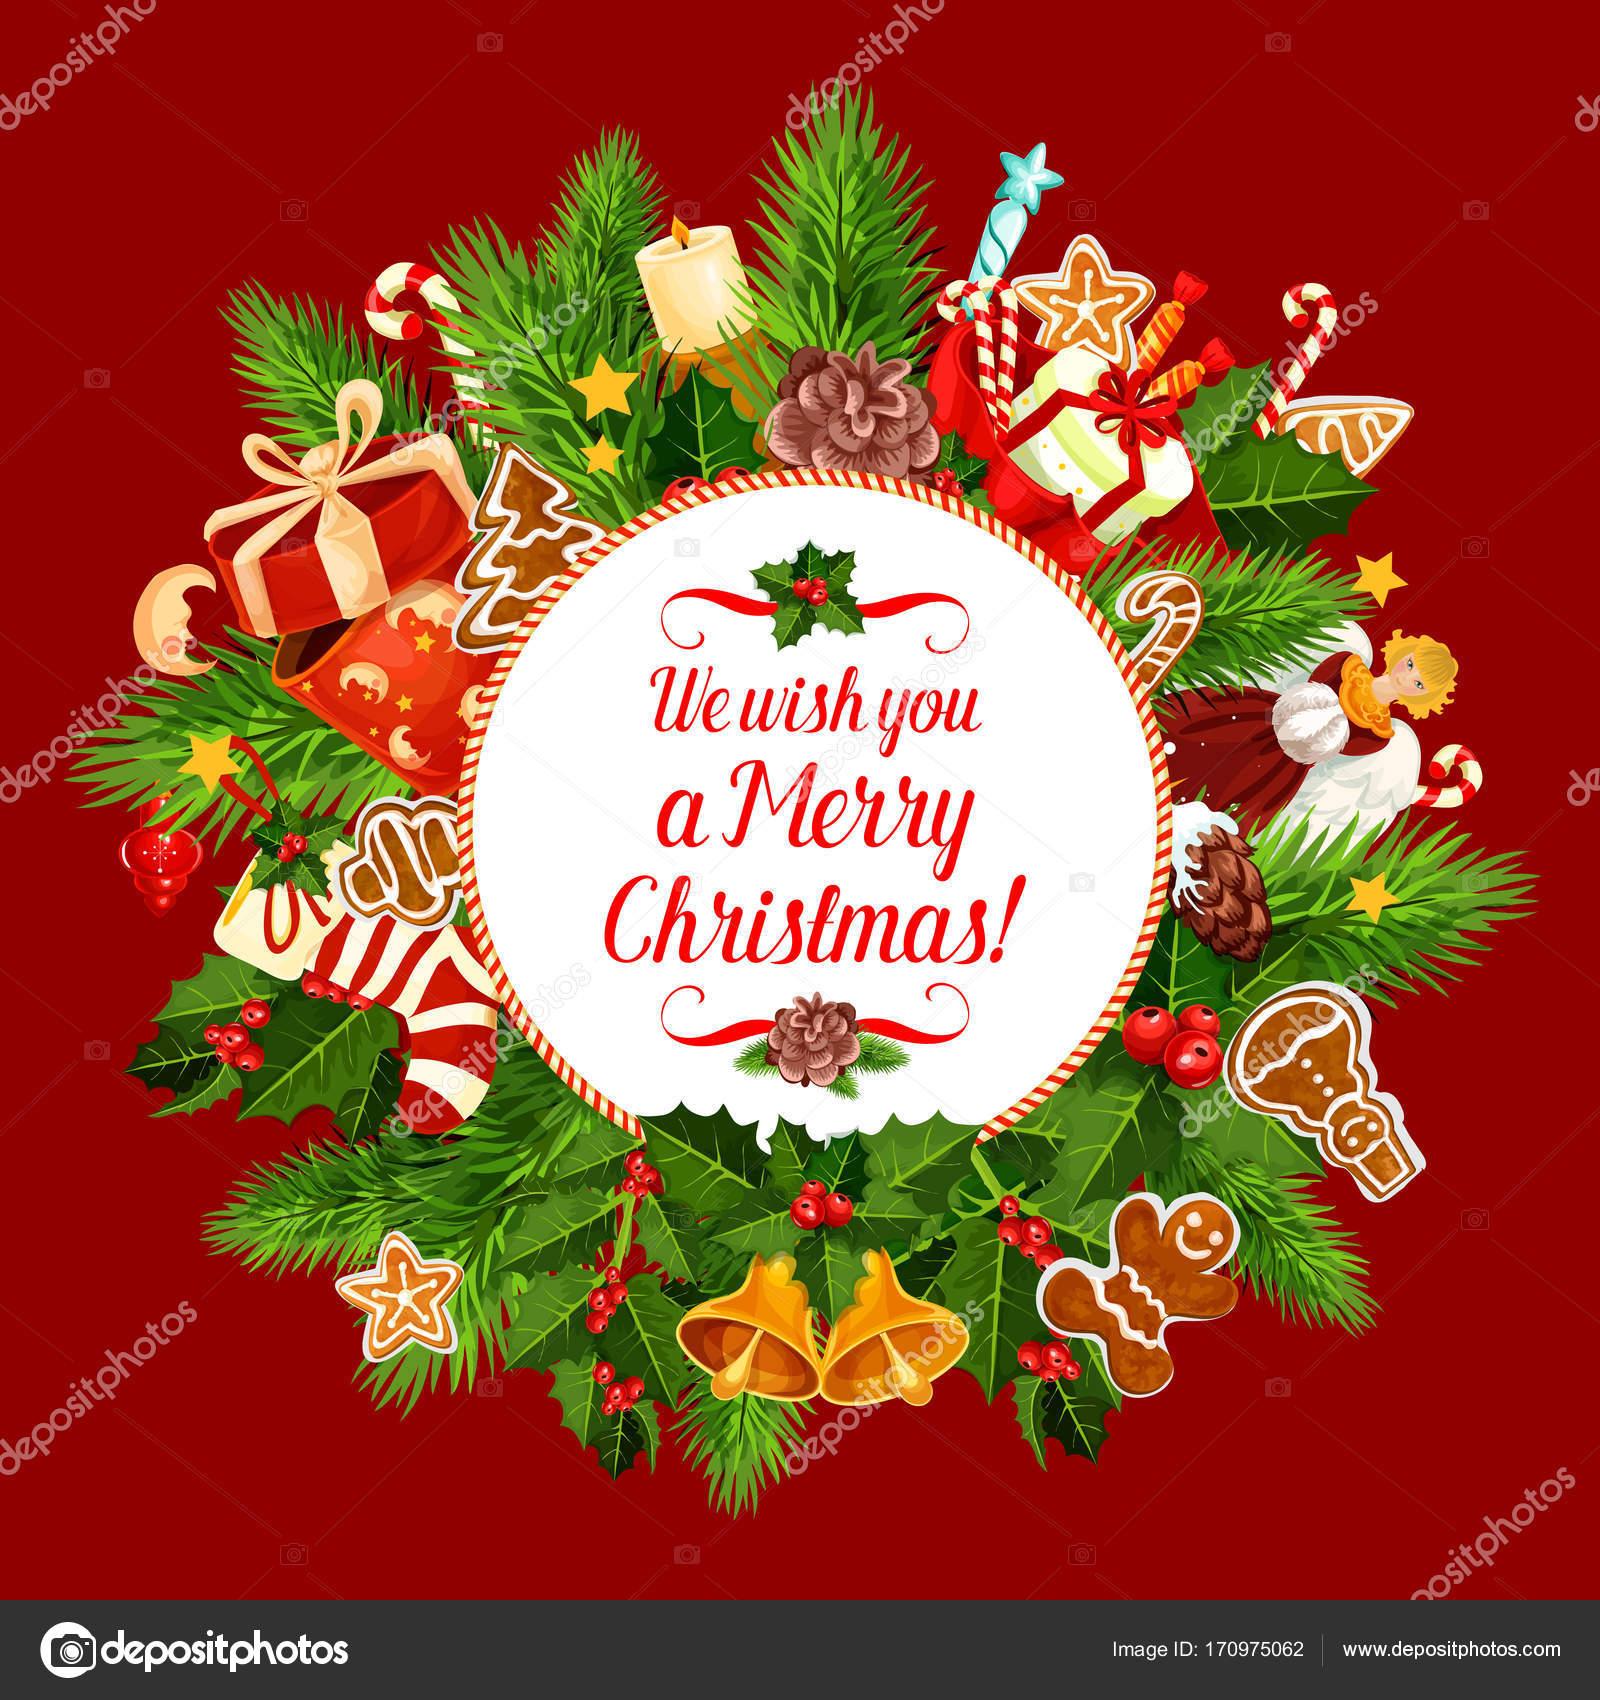 Frohe Weihnachten Wunsch.Frohe Weihnachten Urlaub Wunsch Vektor Grusskarte